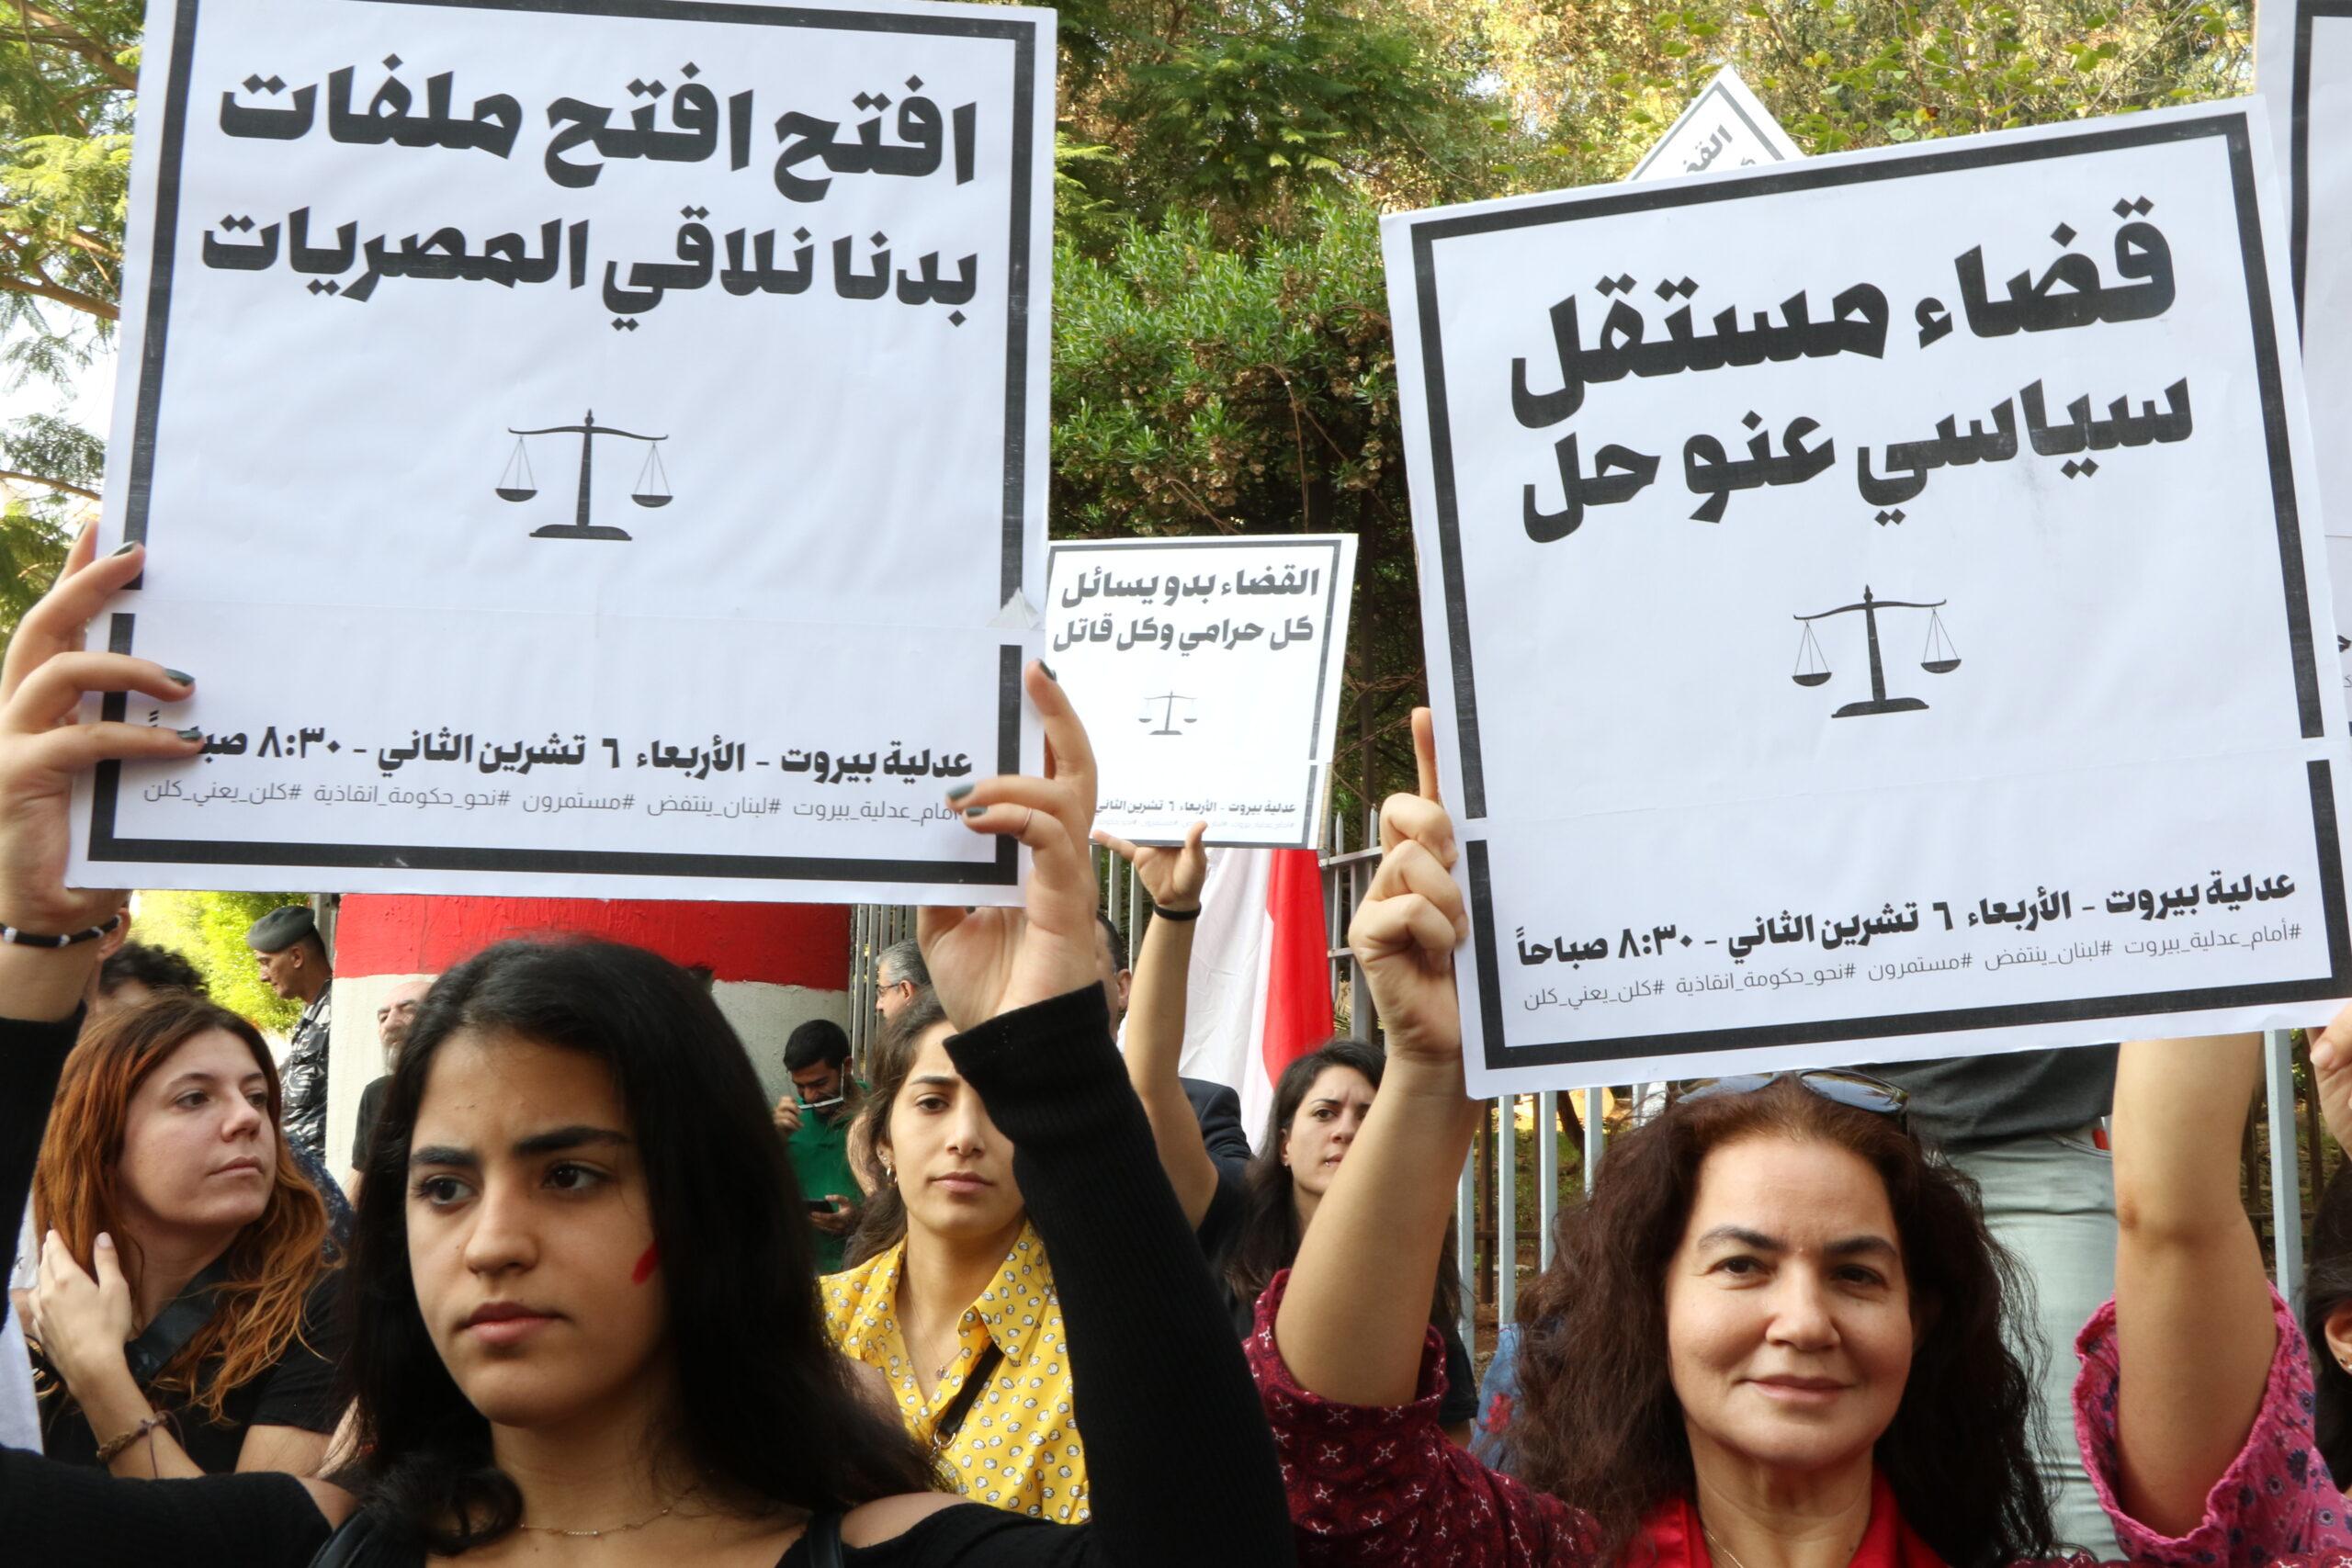 من أمام قصر العدل في بيروت: يا قاضي حاسب معنا هيدا المسؤول جوعنا